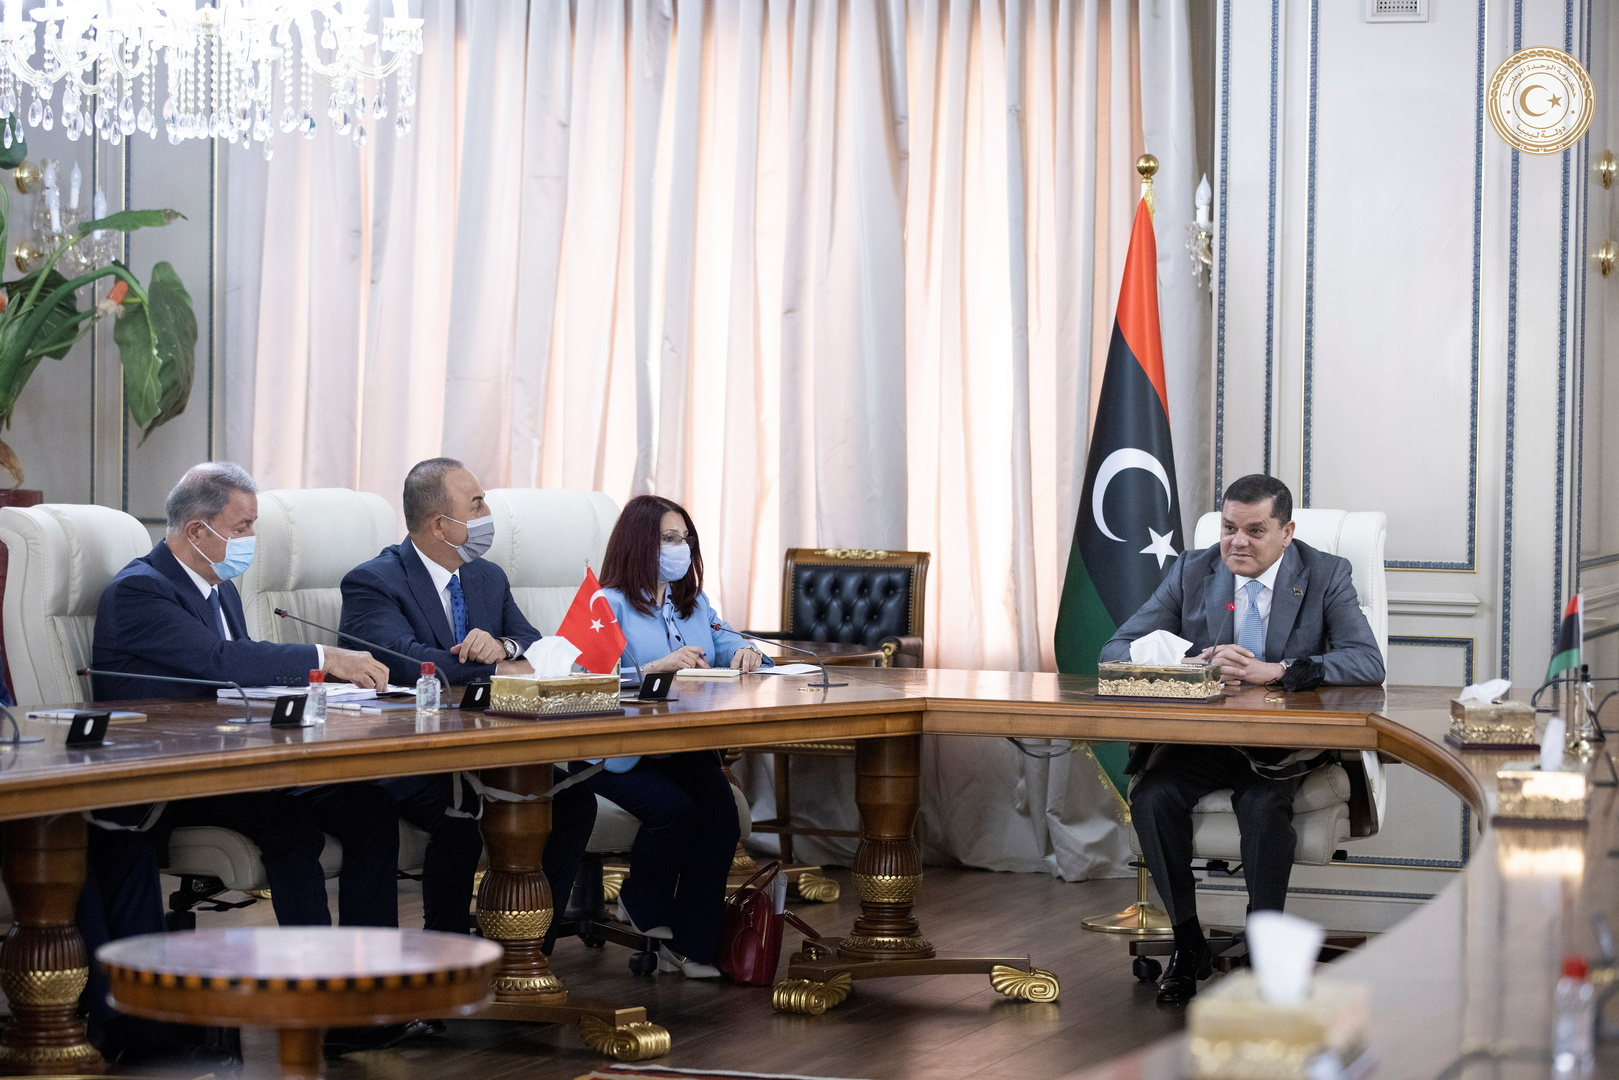 رئيس الحكومة الليبية عبد الحميد الدبيبة ملتقيا وزير الخارجية التركي مولود تشاووش أوغلو